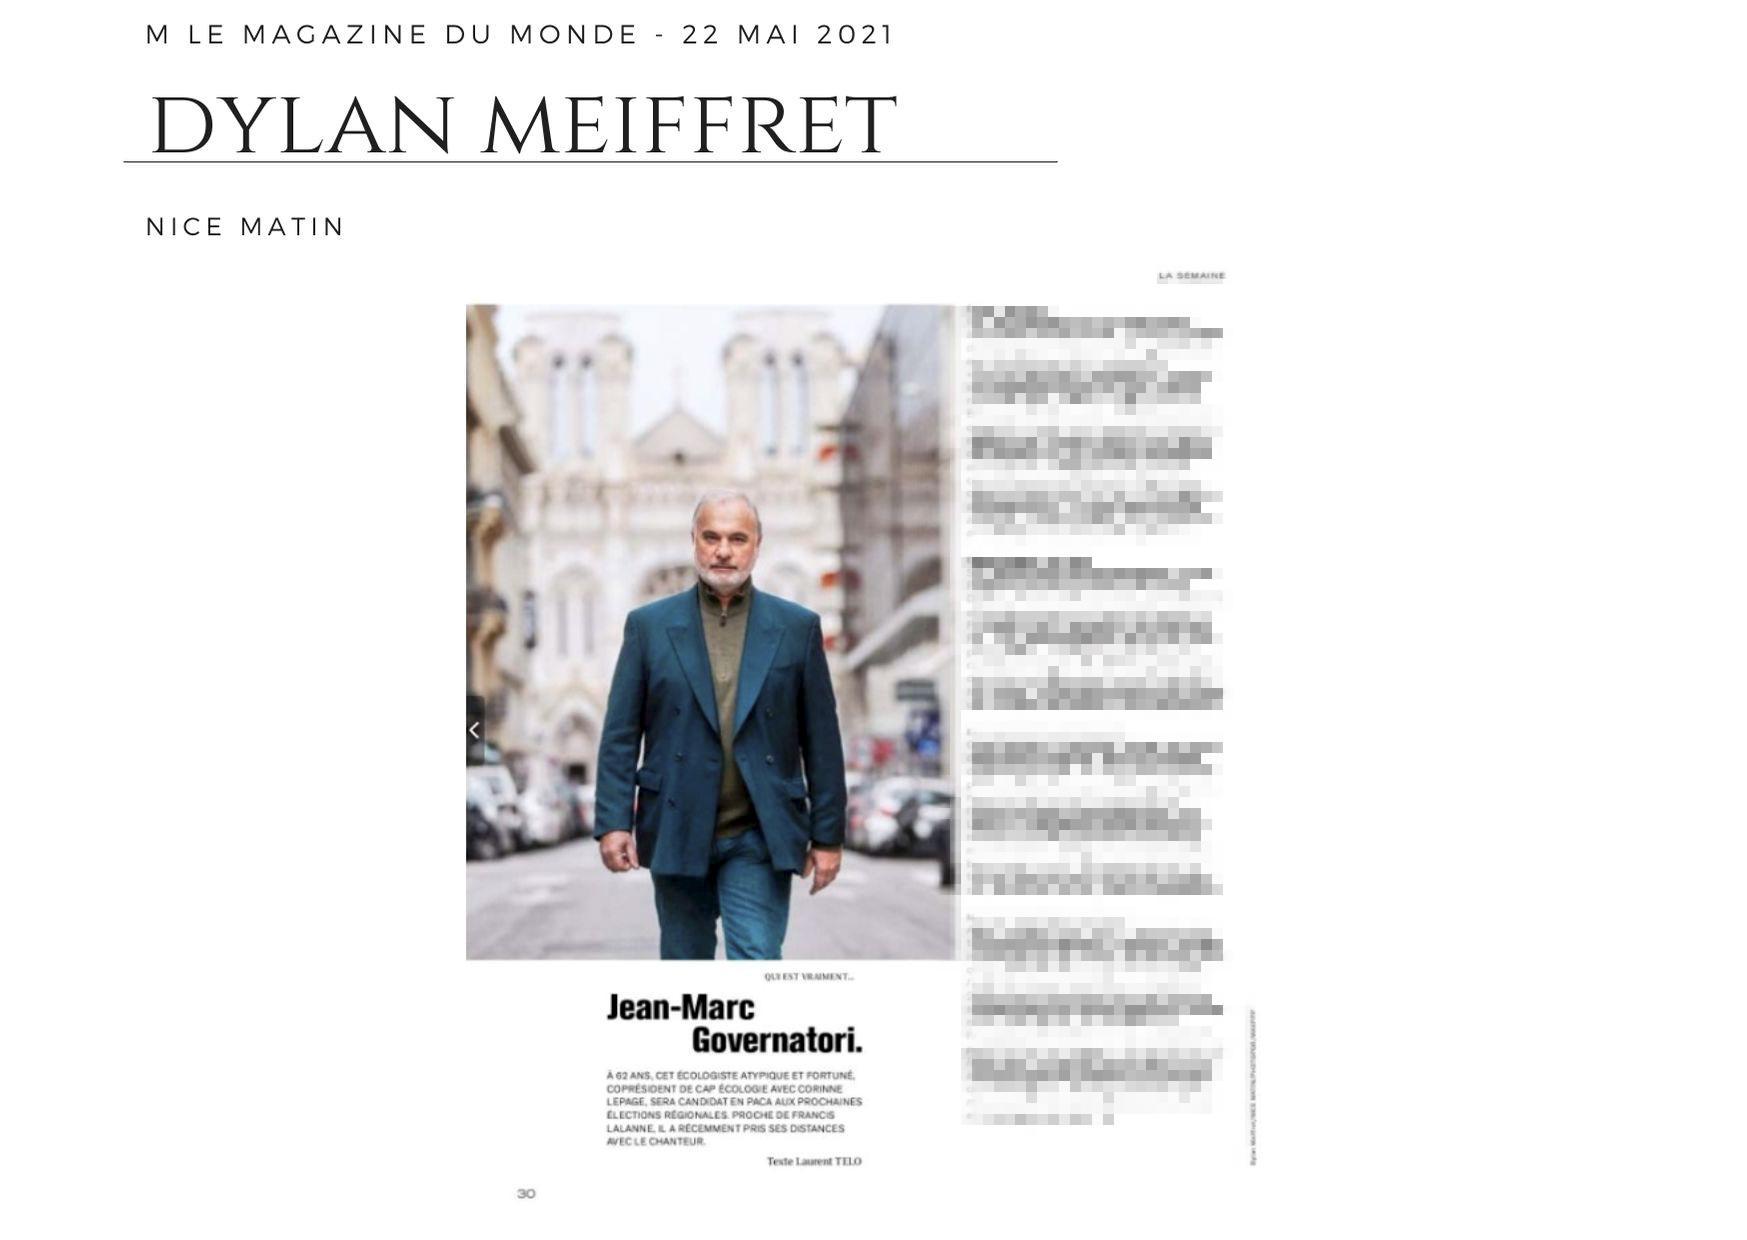 M Le Monde - 22 mai 2021